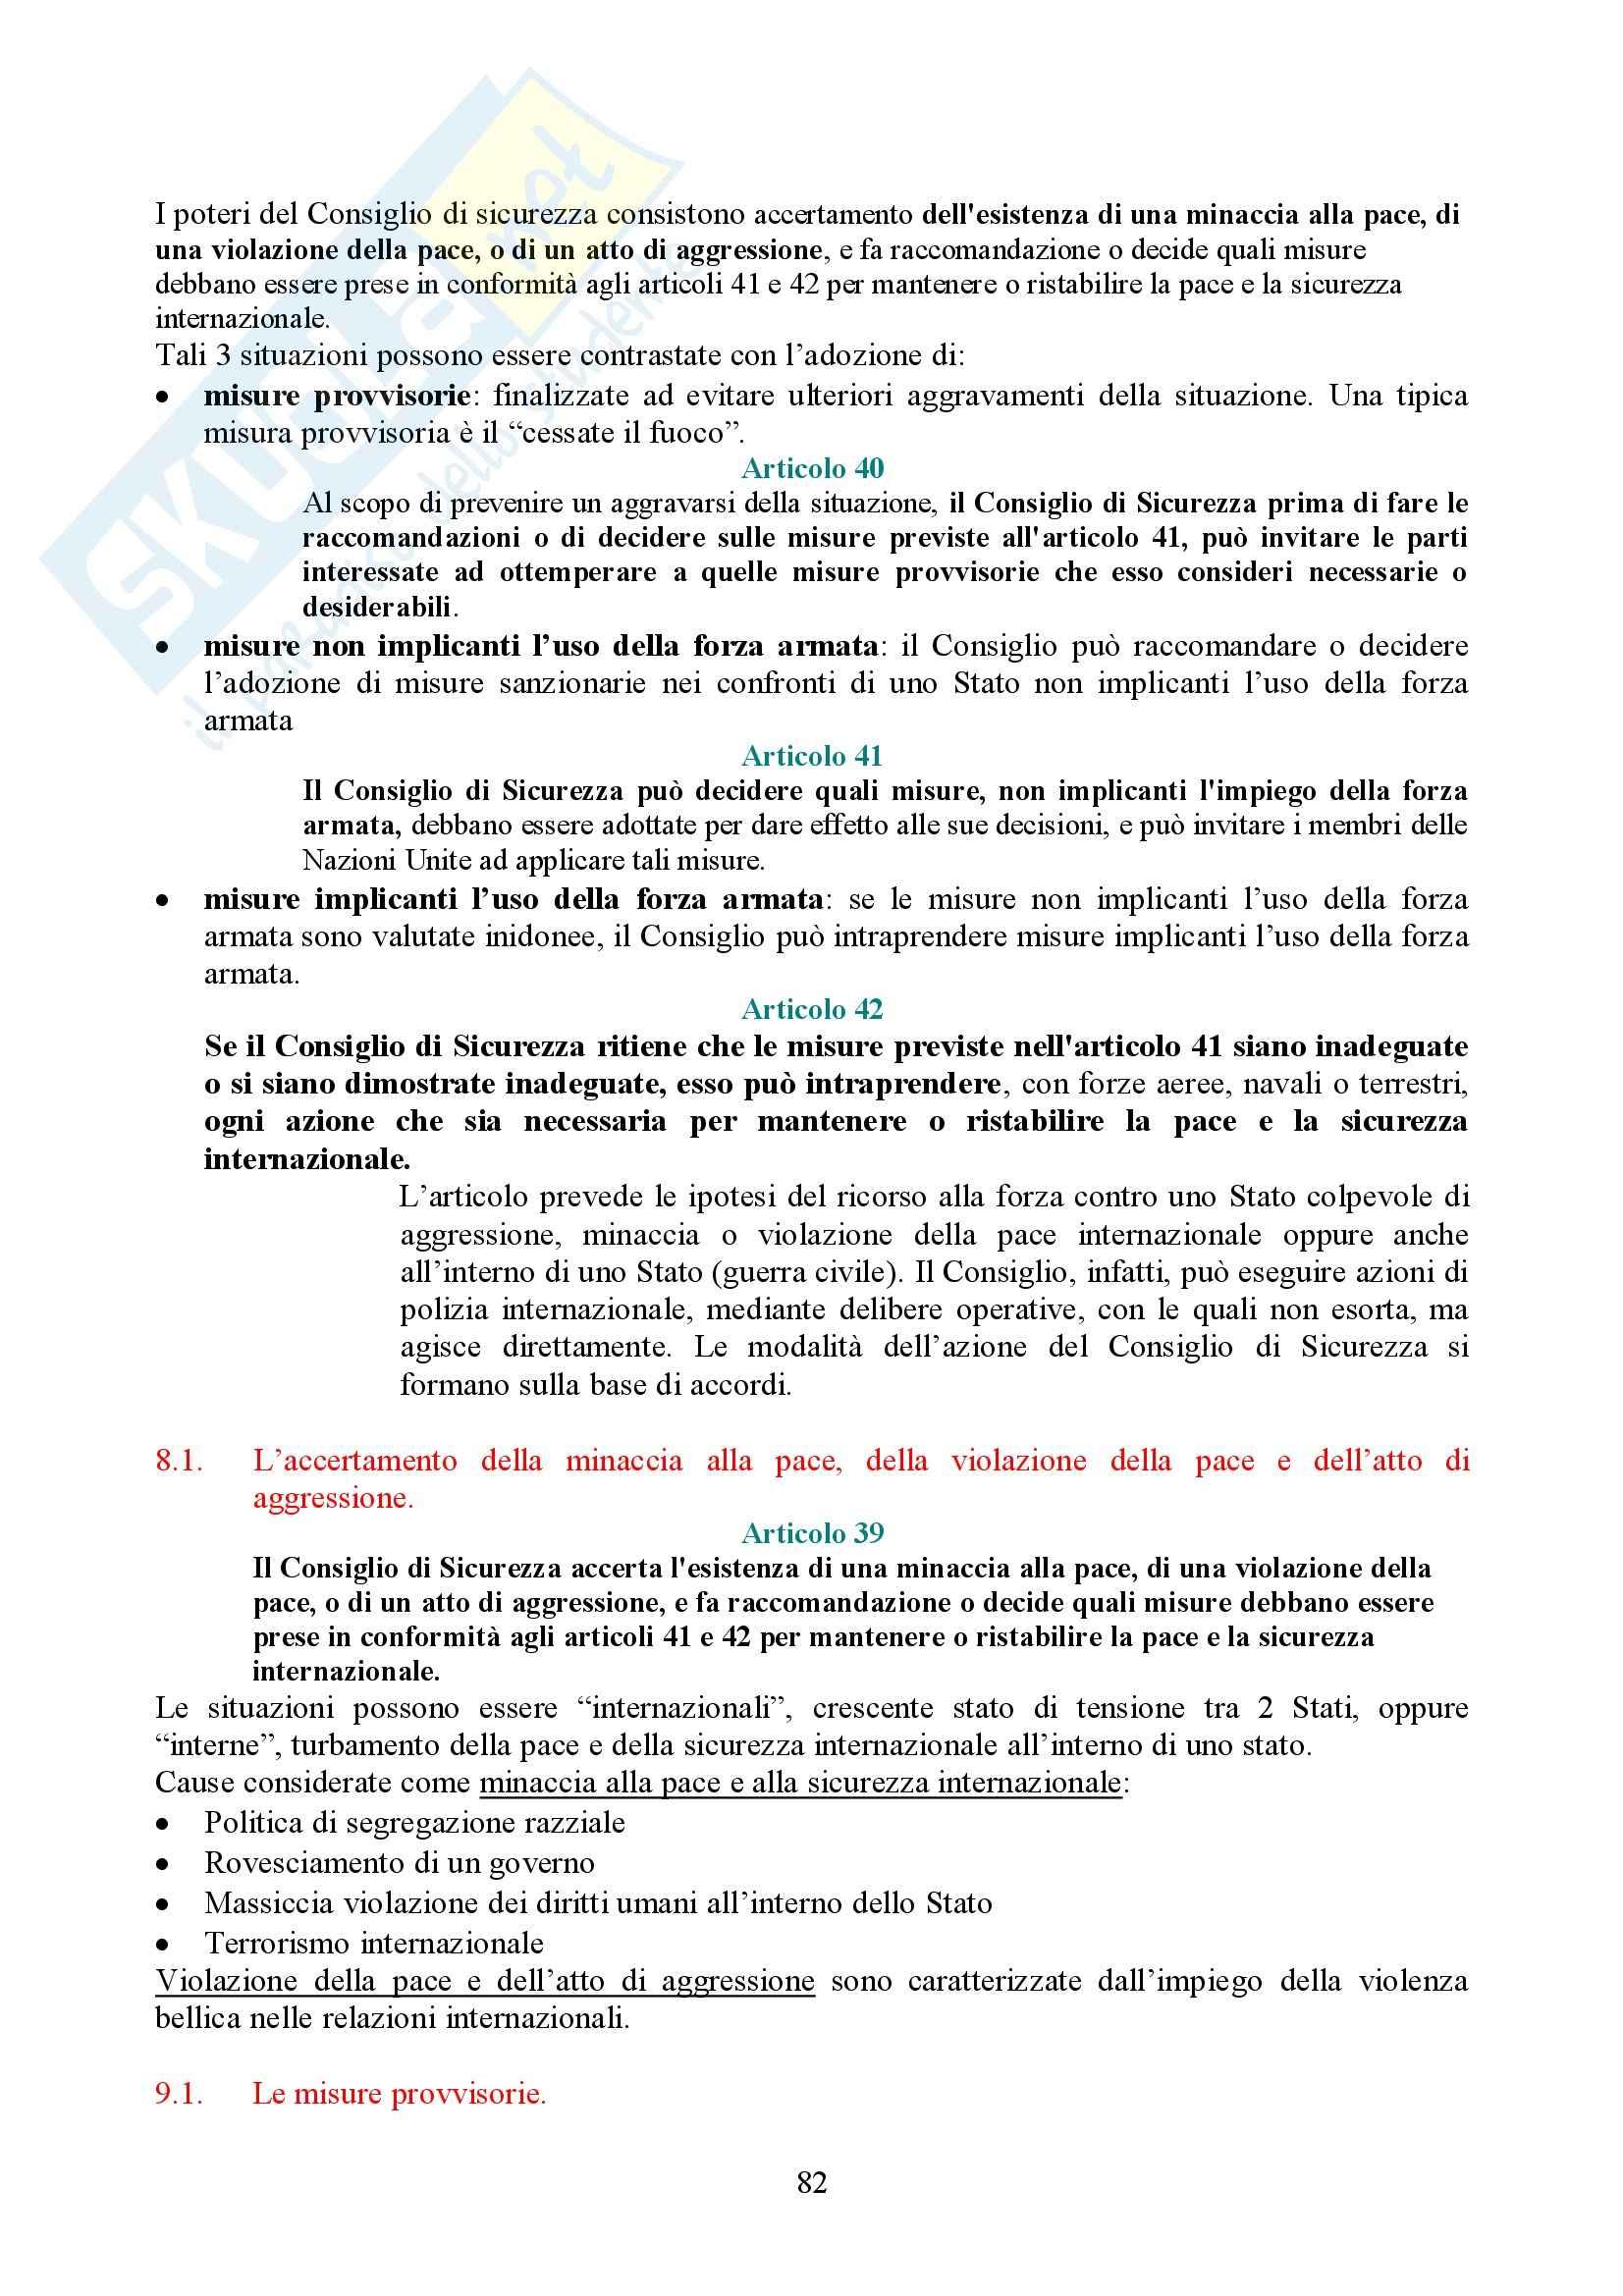 Diritto internazionale - Carbone - Appunti Pag. 31